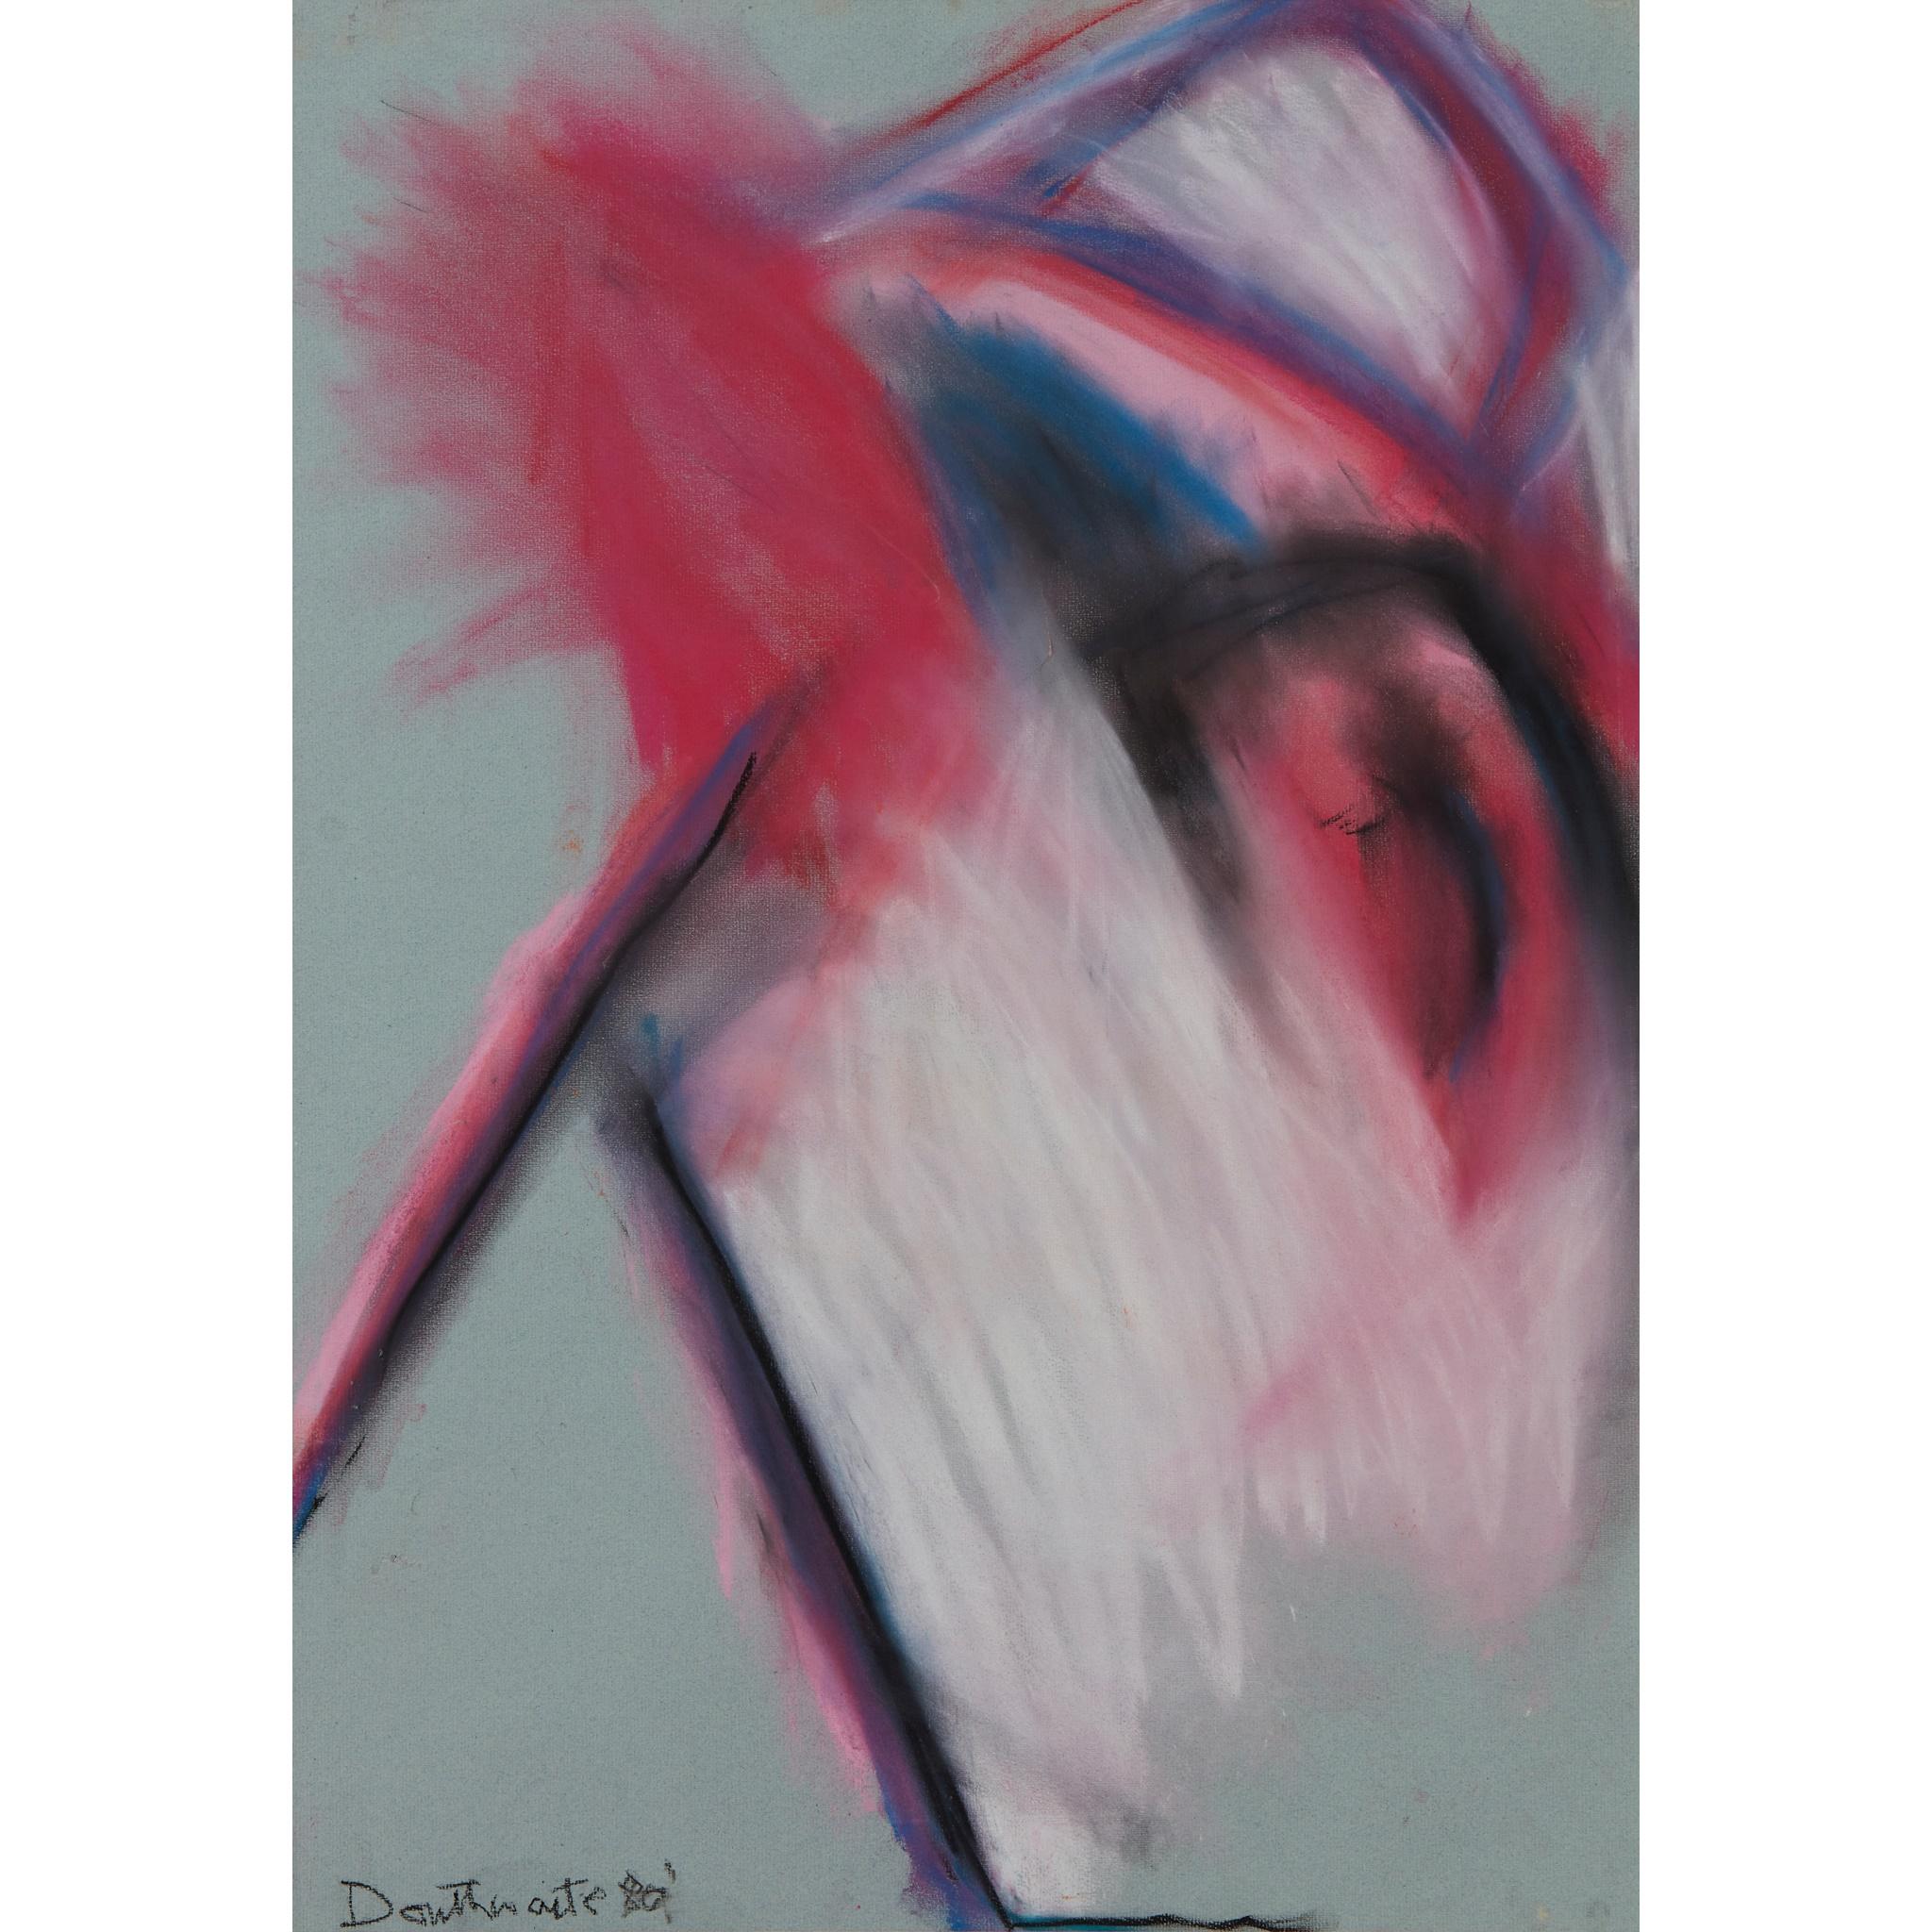 § PATRICIA DOUTHWAITE (SCOTTISH 1939-2002) UNTITLED (PINKS)